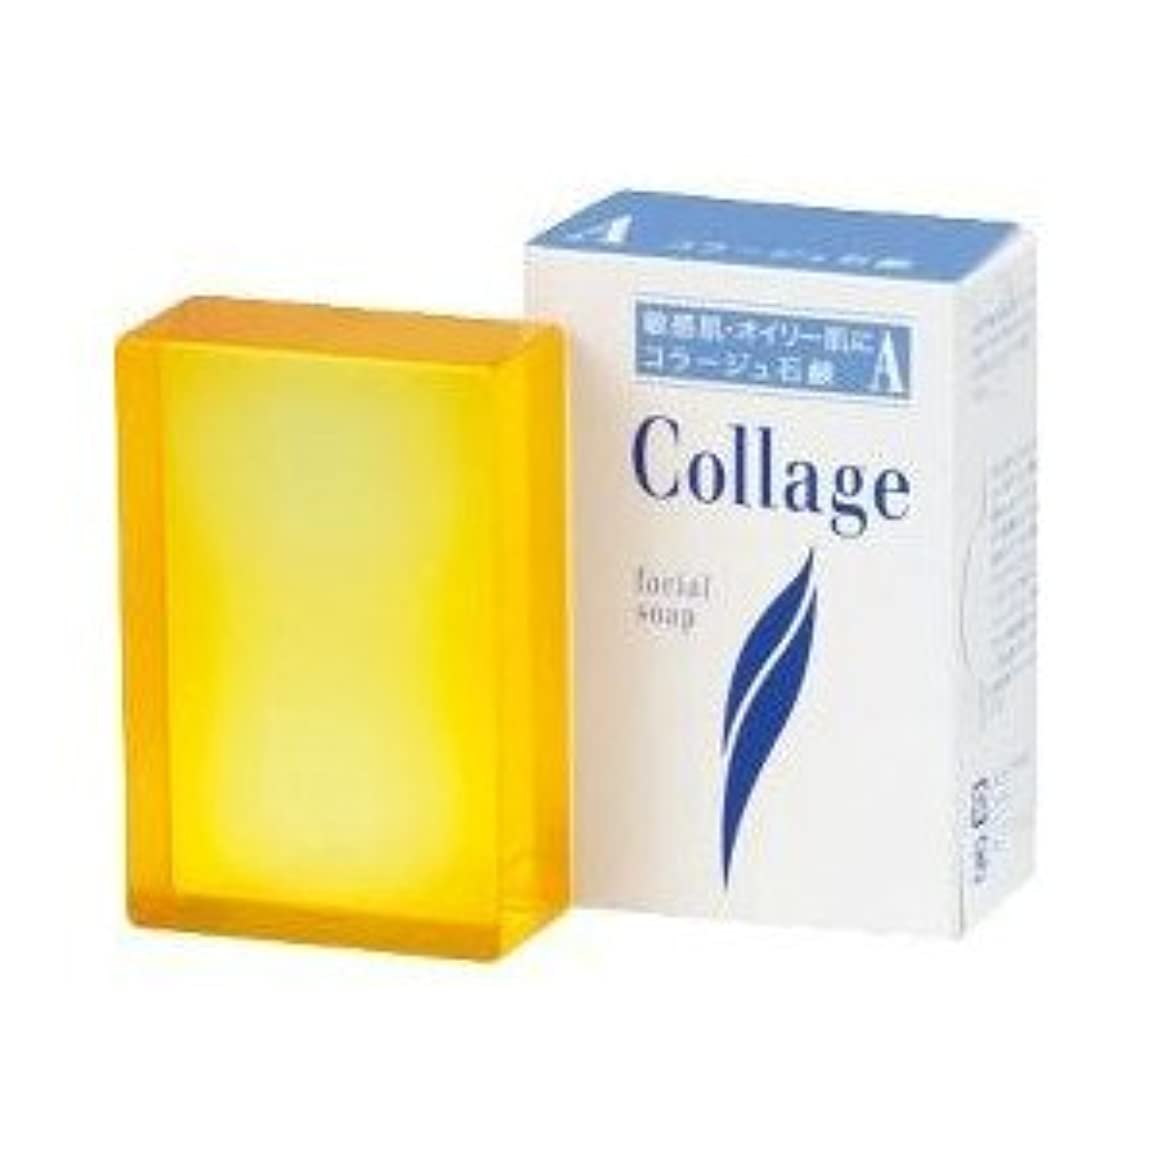 膨らみびっくりするペック(持田ヘルスケア)コラージュA脂性肌用石鹸 100g(お買い得3個セット)